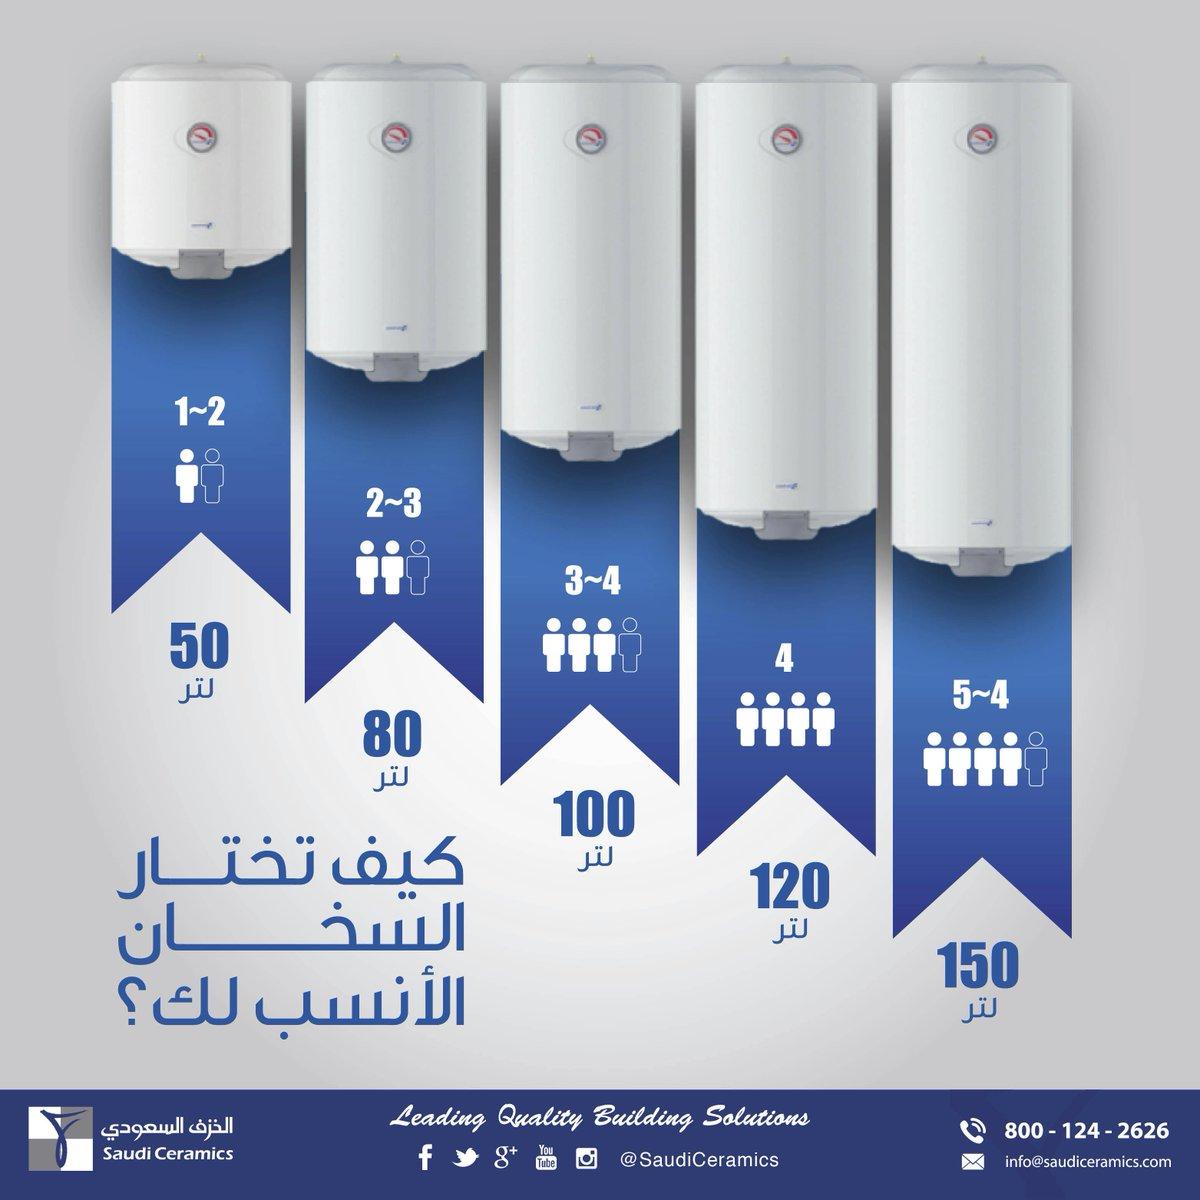 الخزف السعودي On Twitter Zx818818 معارض الخزف السعودي بمدينة الدمام ١ شارع الملك عبدالعزيز ٢ شارع الملك سعود Http T Co D6gdklujj1